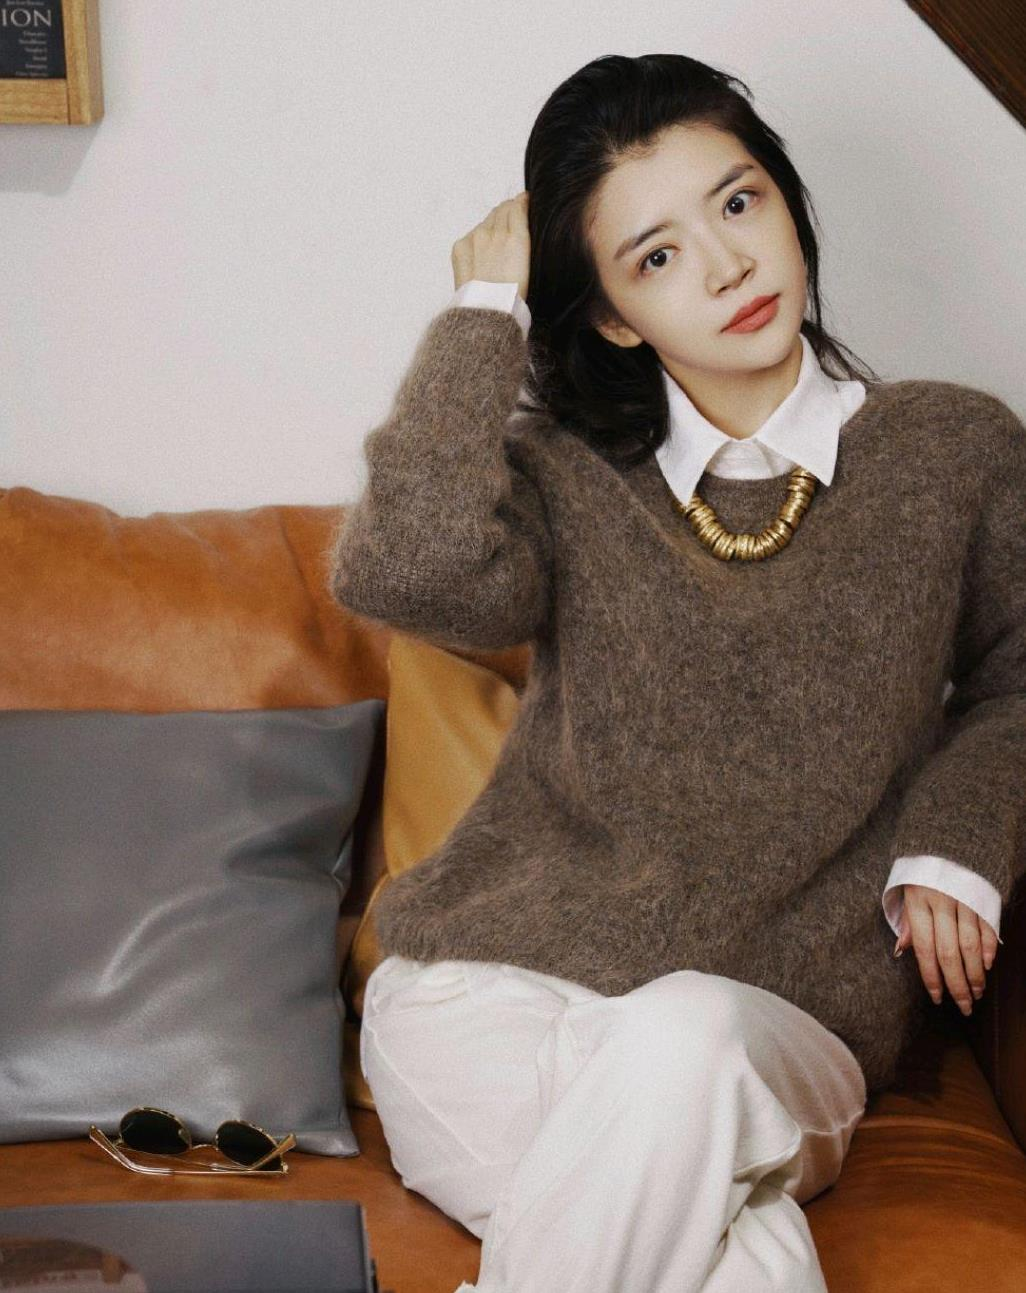 秋季怎么穿时髦又优雅?看看三木博主的穿搭,干净利落又有质感